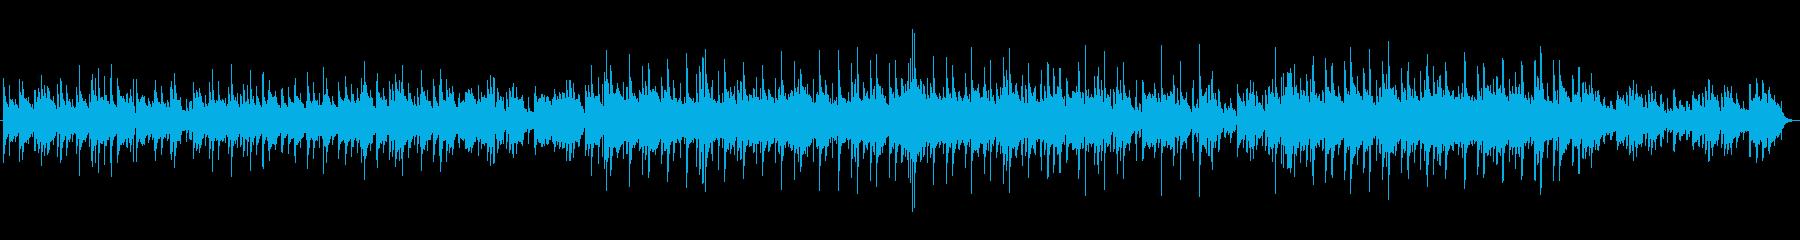 ゆったりキラキラ ハートフルなワルツ曲の再生済みの波形